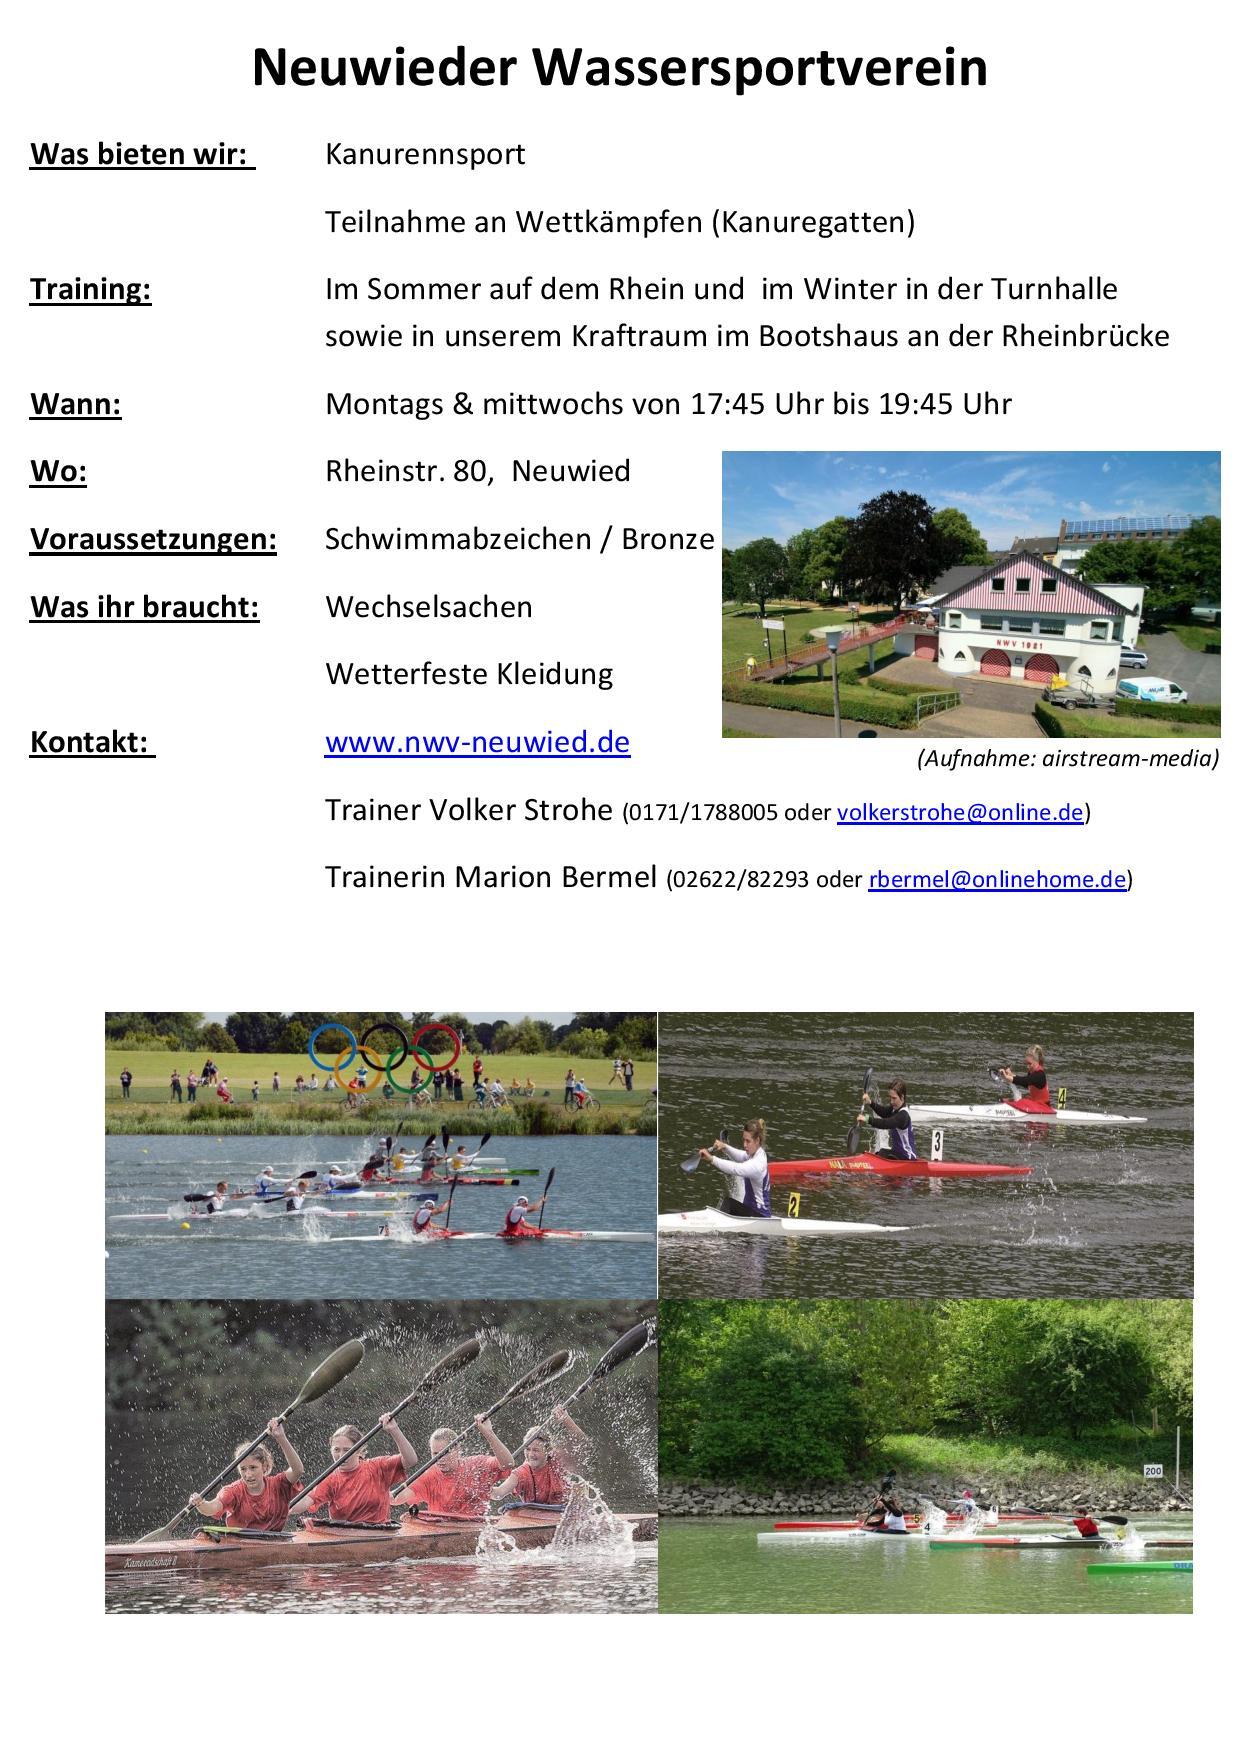 Neuwieder Wassersportverein vers2-1-page-001